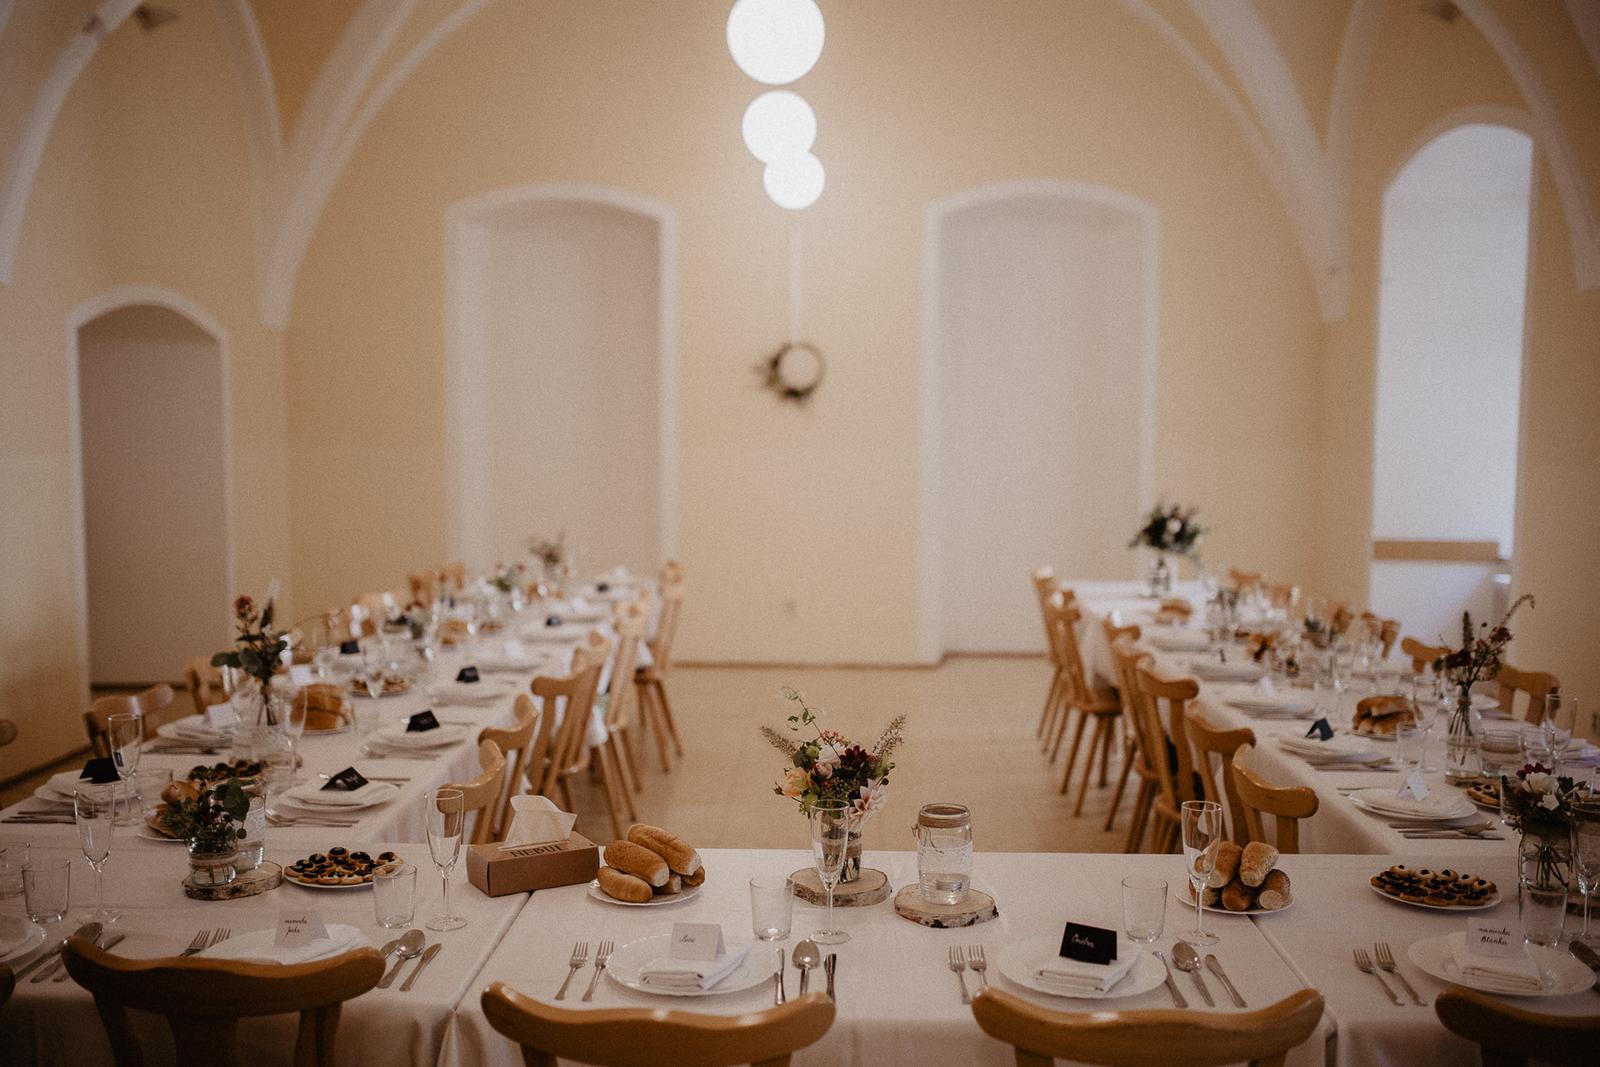 Svatební výzdoba - kulatiny, lampiony, doplňky - Obrázek č. 1